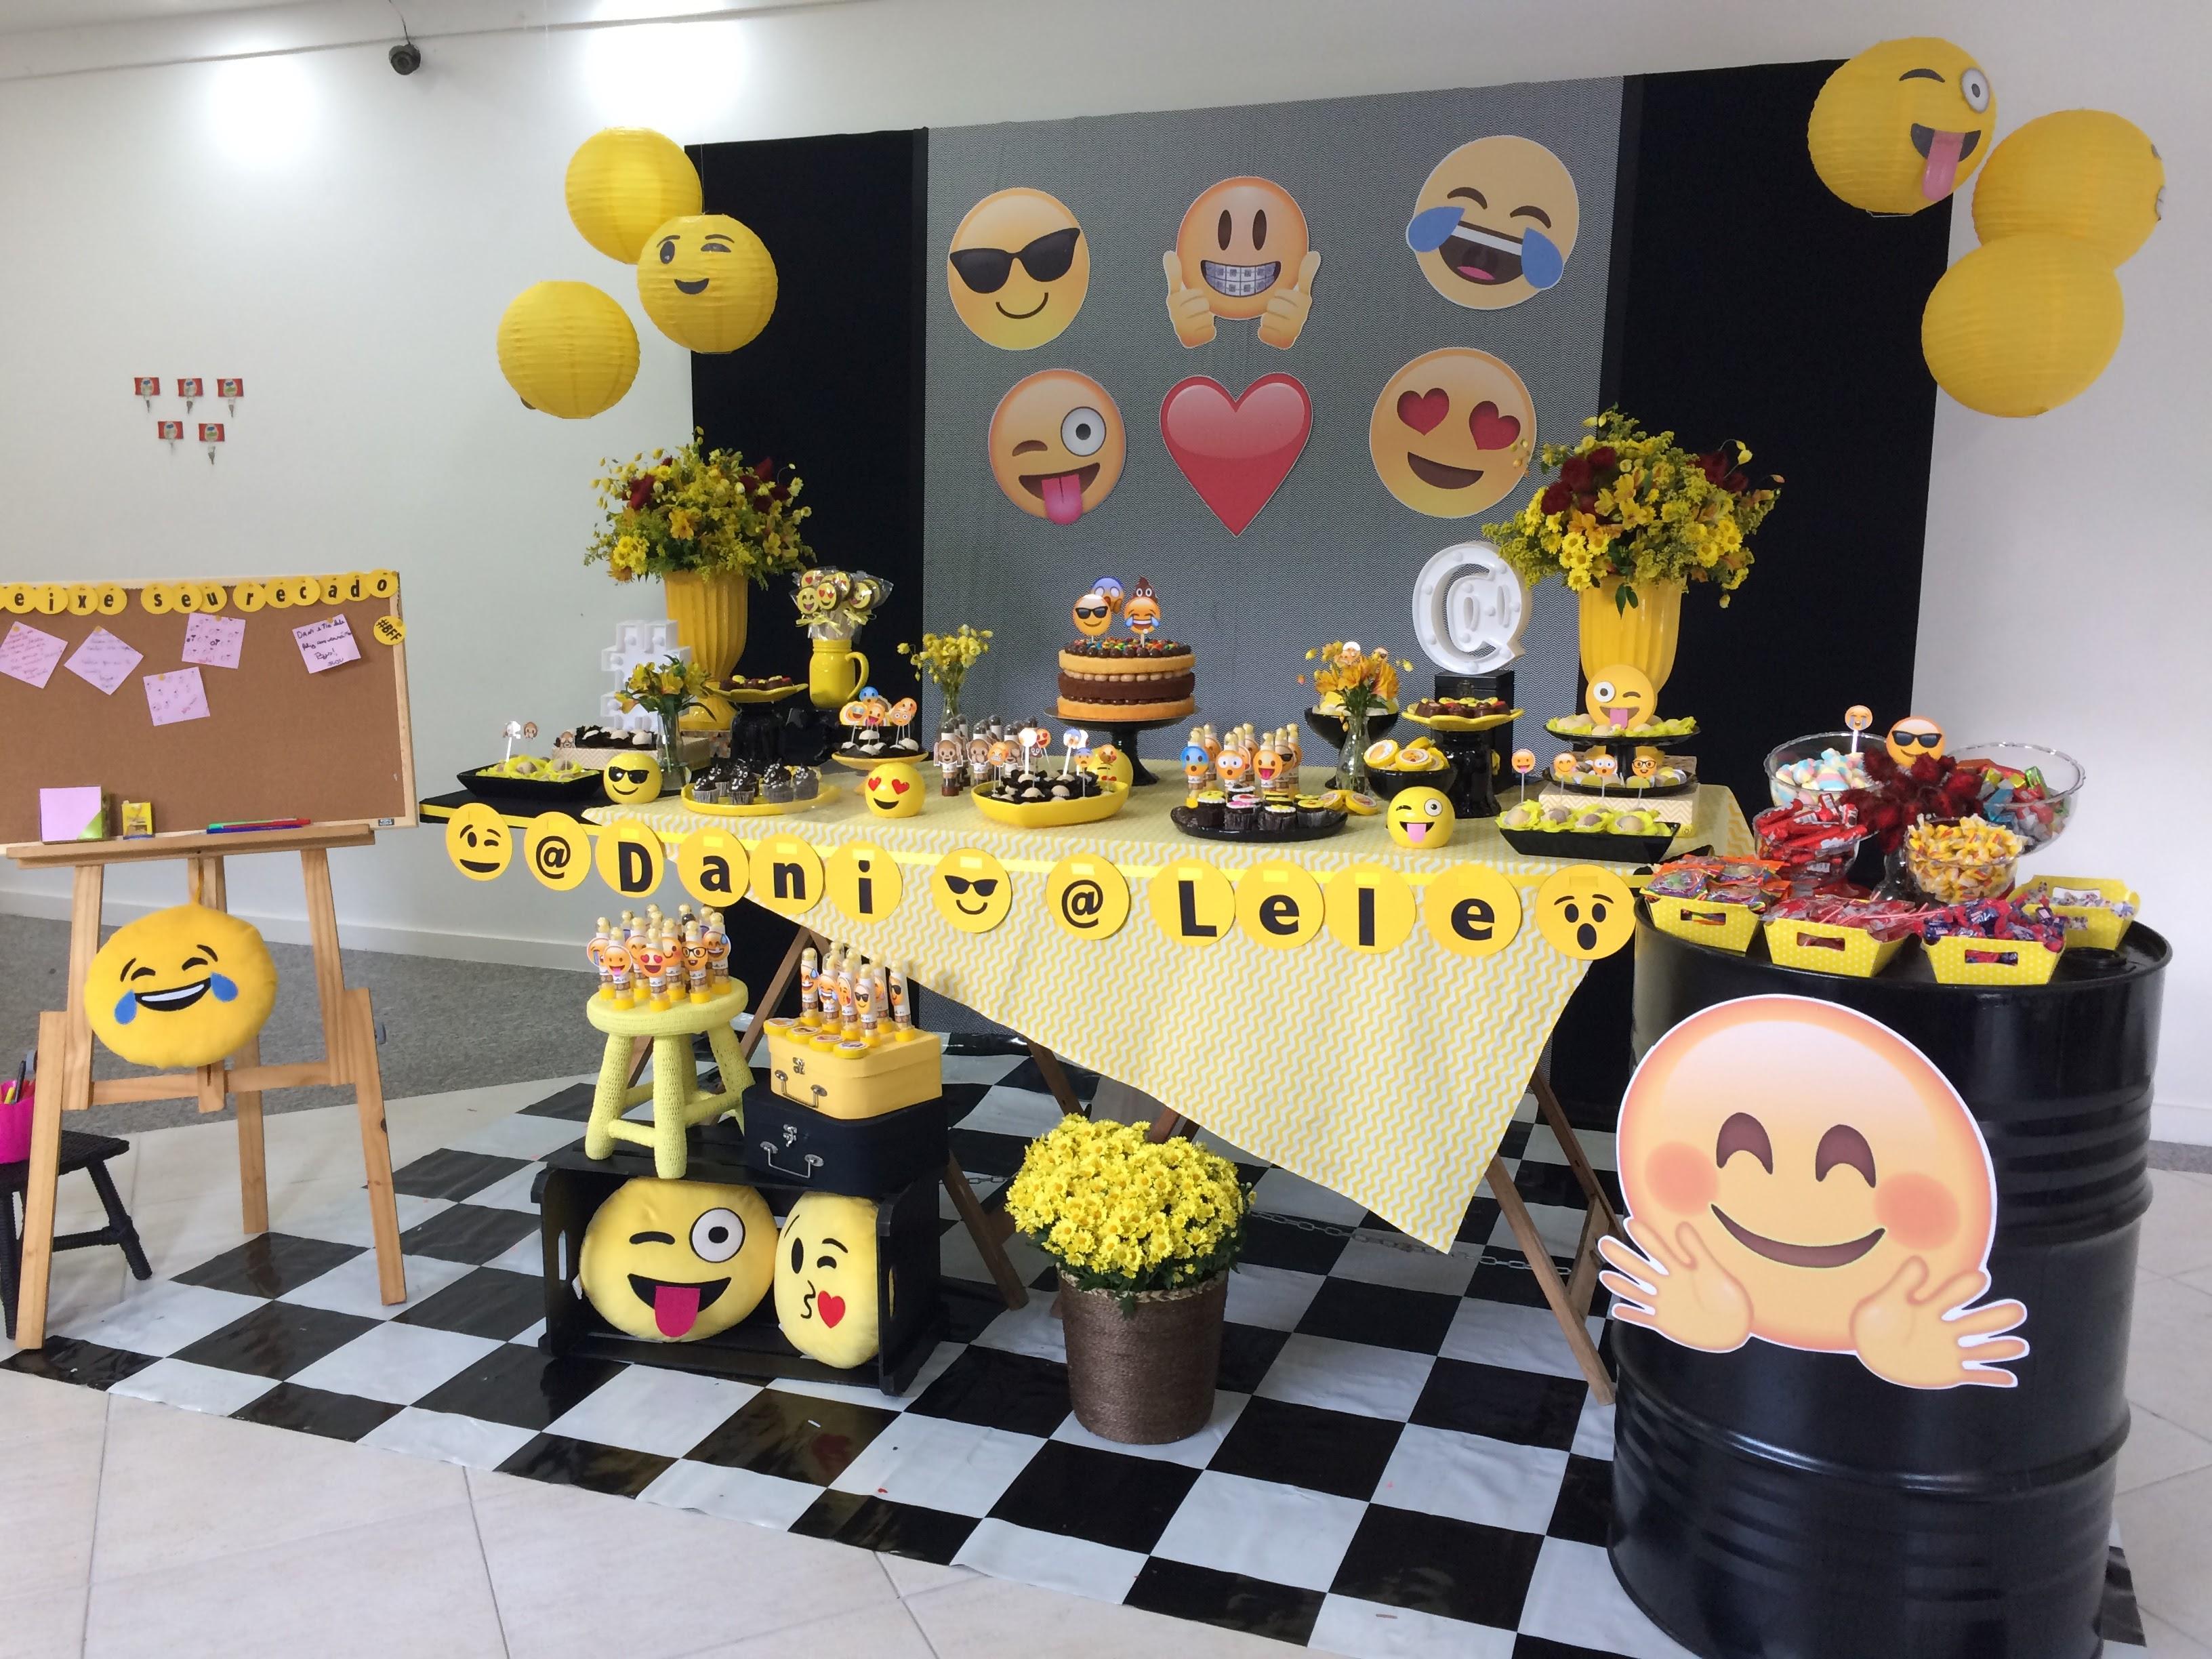 Festa Emoji u2013 Criaré Coisa Séria -> Decoracao De Festa Tema Emoji